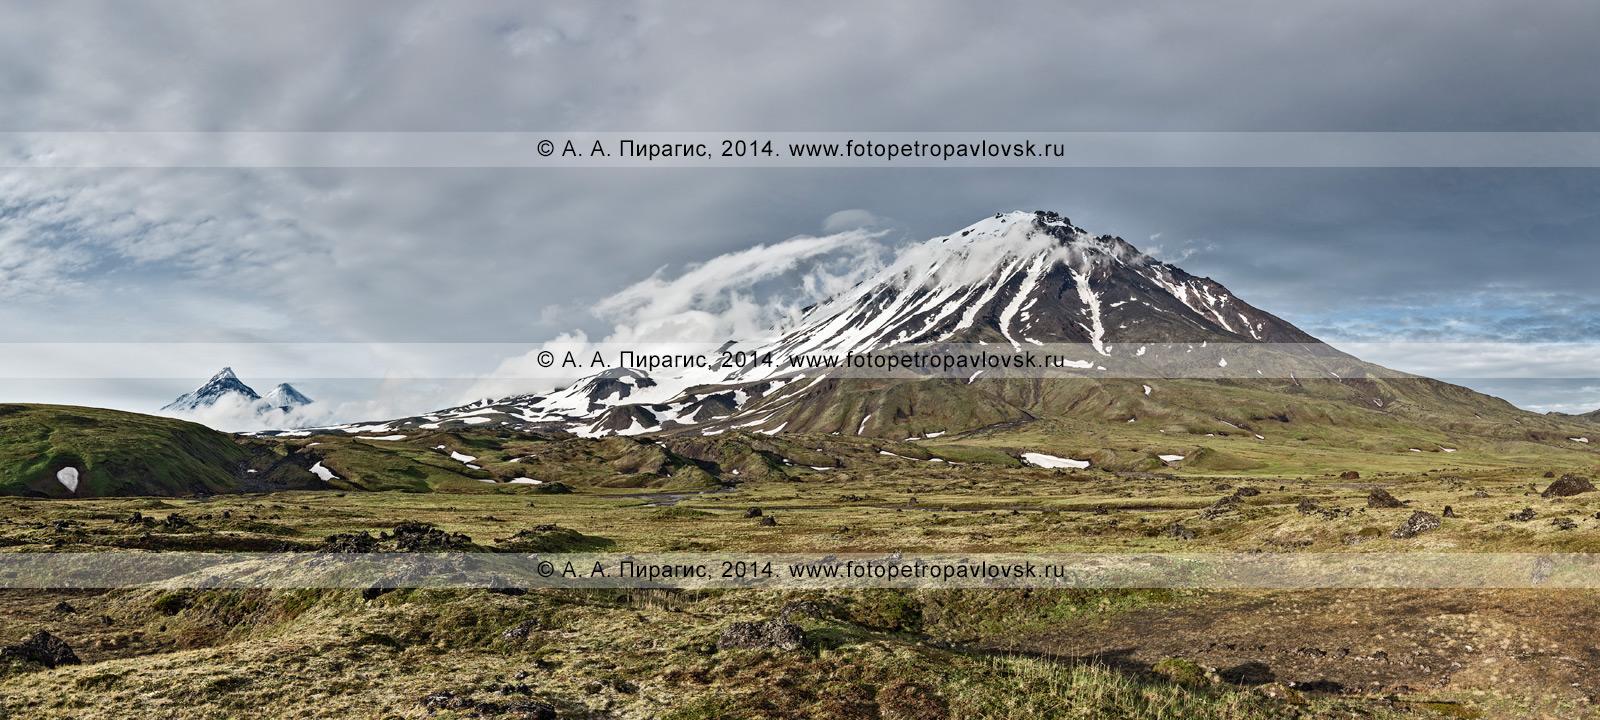 Фотография: панорама вулкана Овальная Зимина (Oval Zimina Volcano) на Камчатке. Слева на снимке — вулкан Камень и вулкан Ключевской